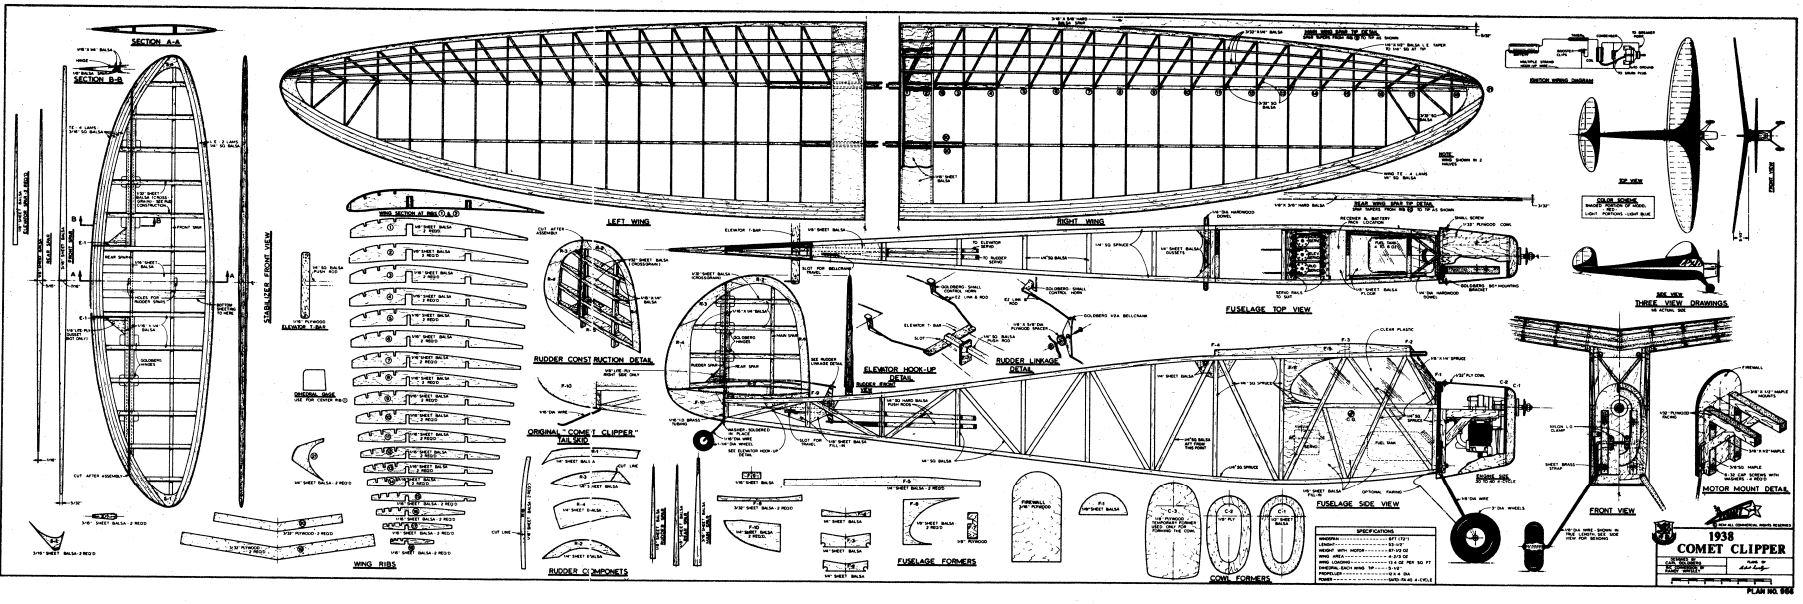 RCM Printed Plans - $12 00 : Laser Design Services